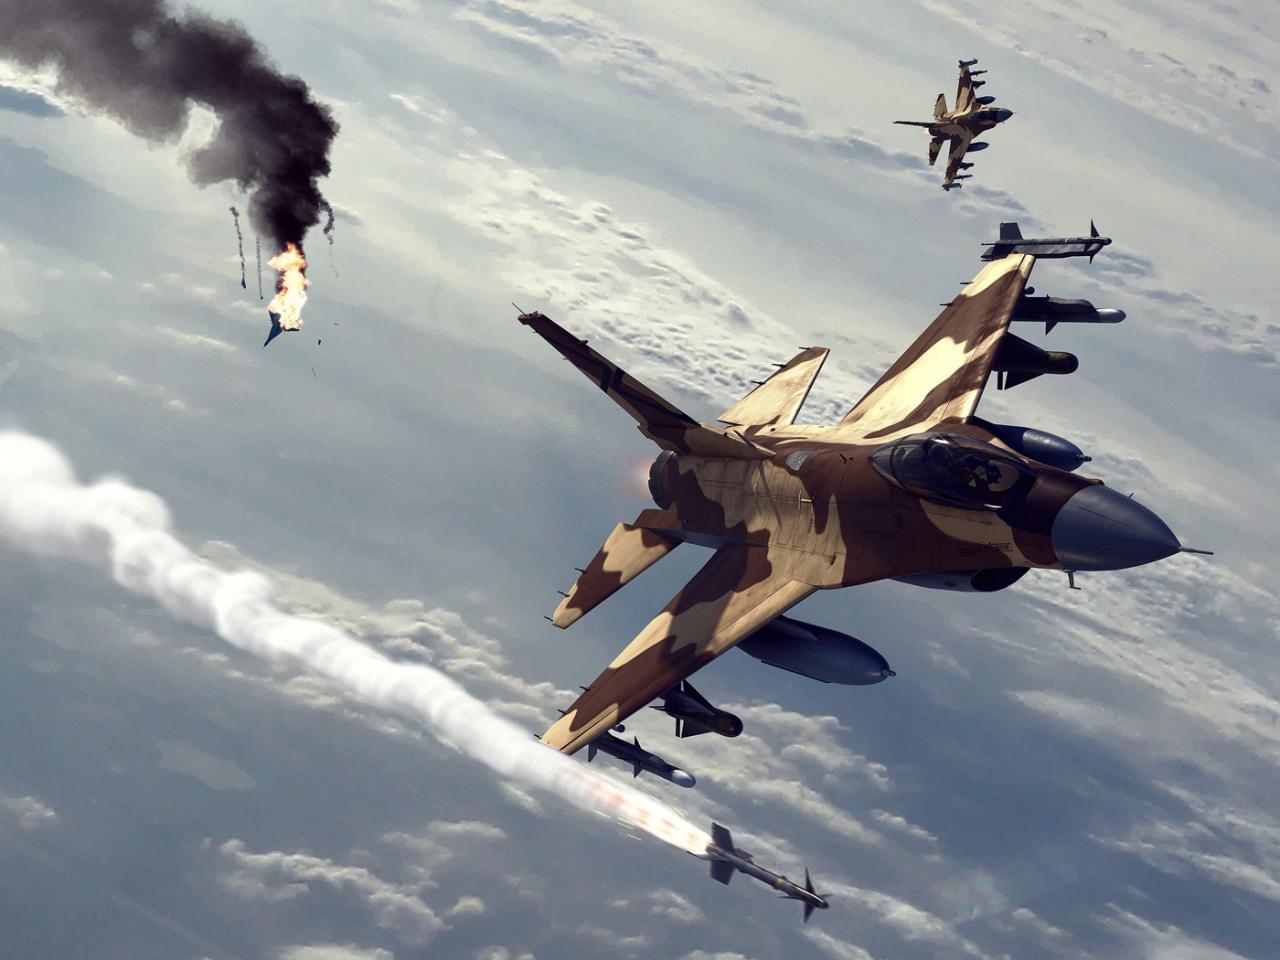 Ataques de aviones - 1280x960